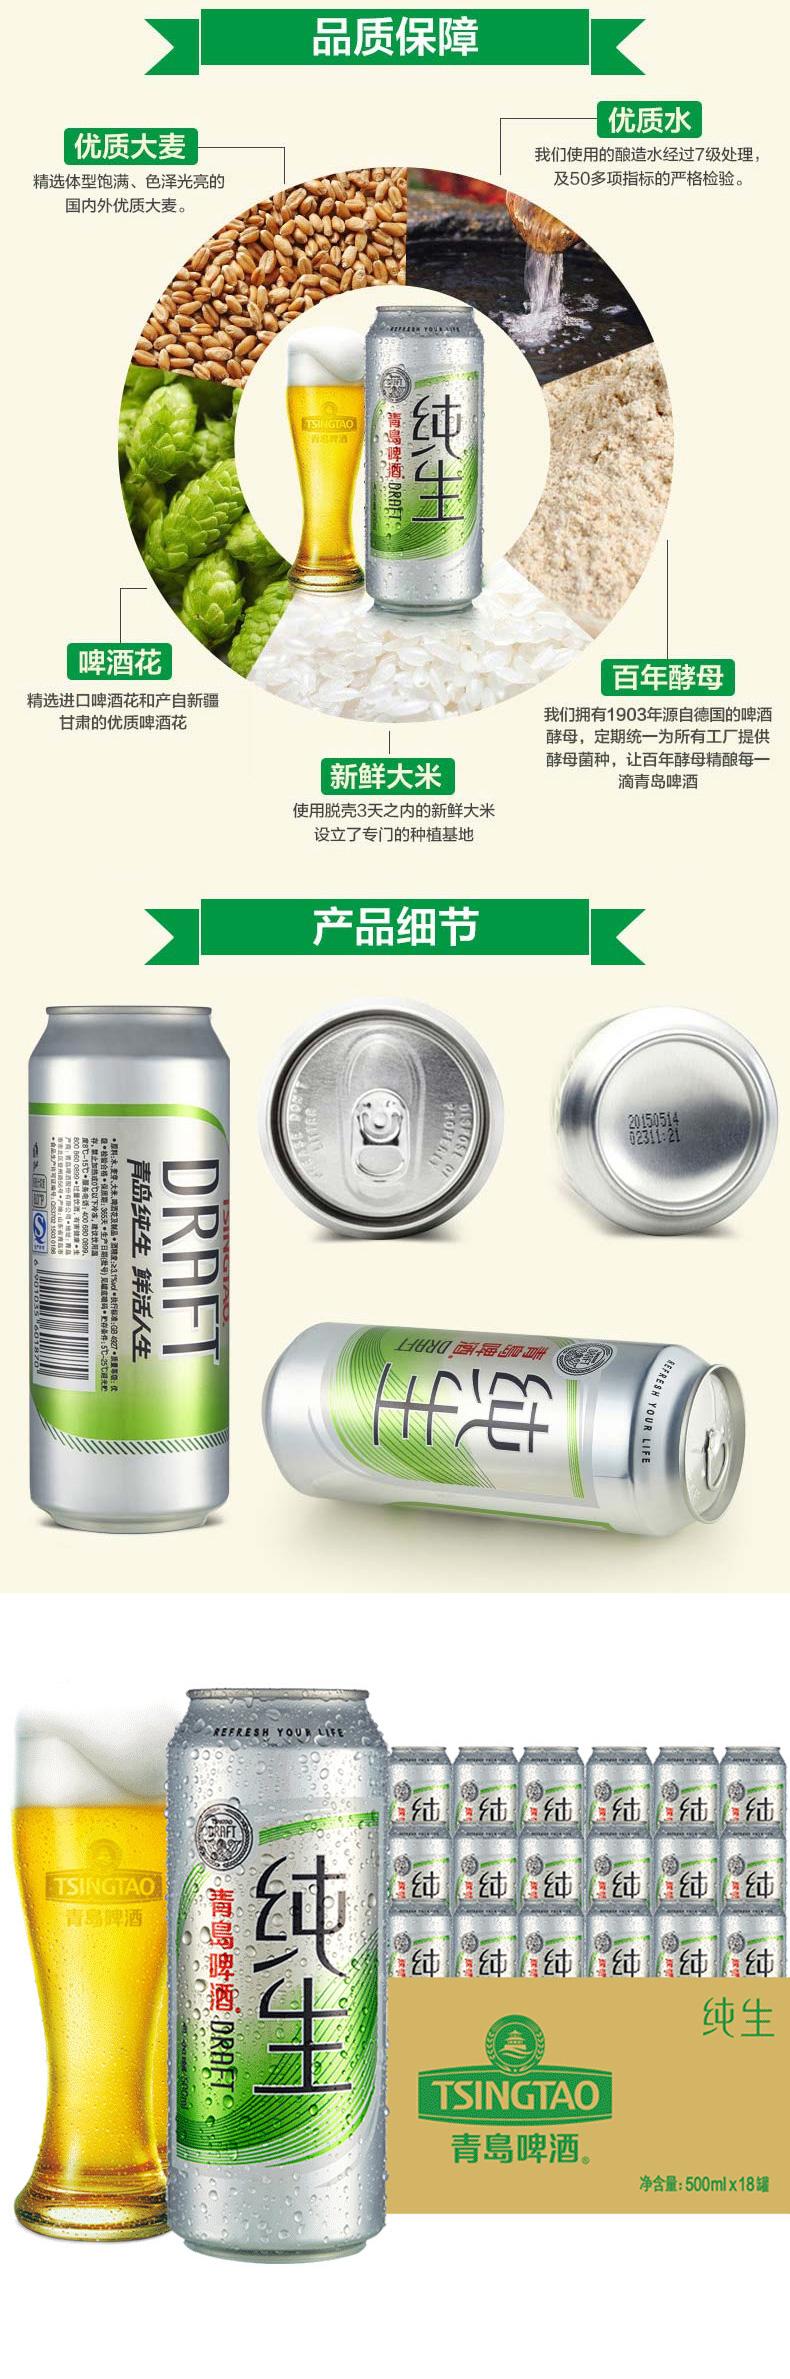 青岛啤酒 纯生500ml*18听+山水啤酒500ml*12听 图4